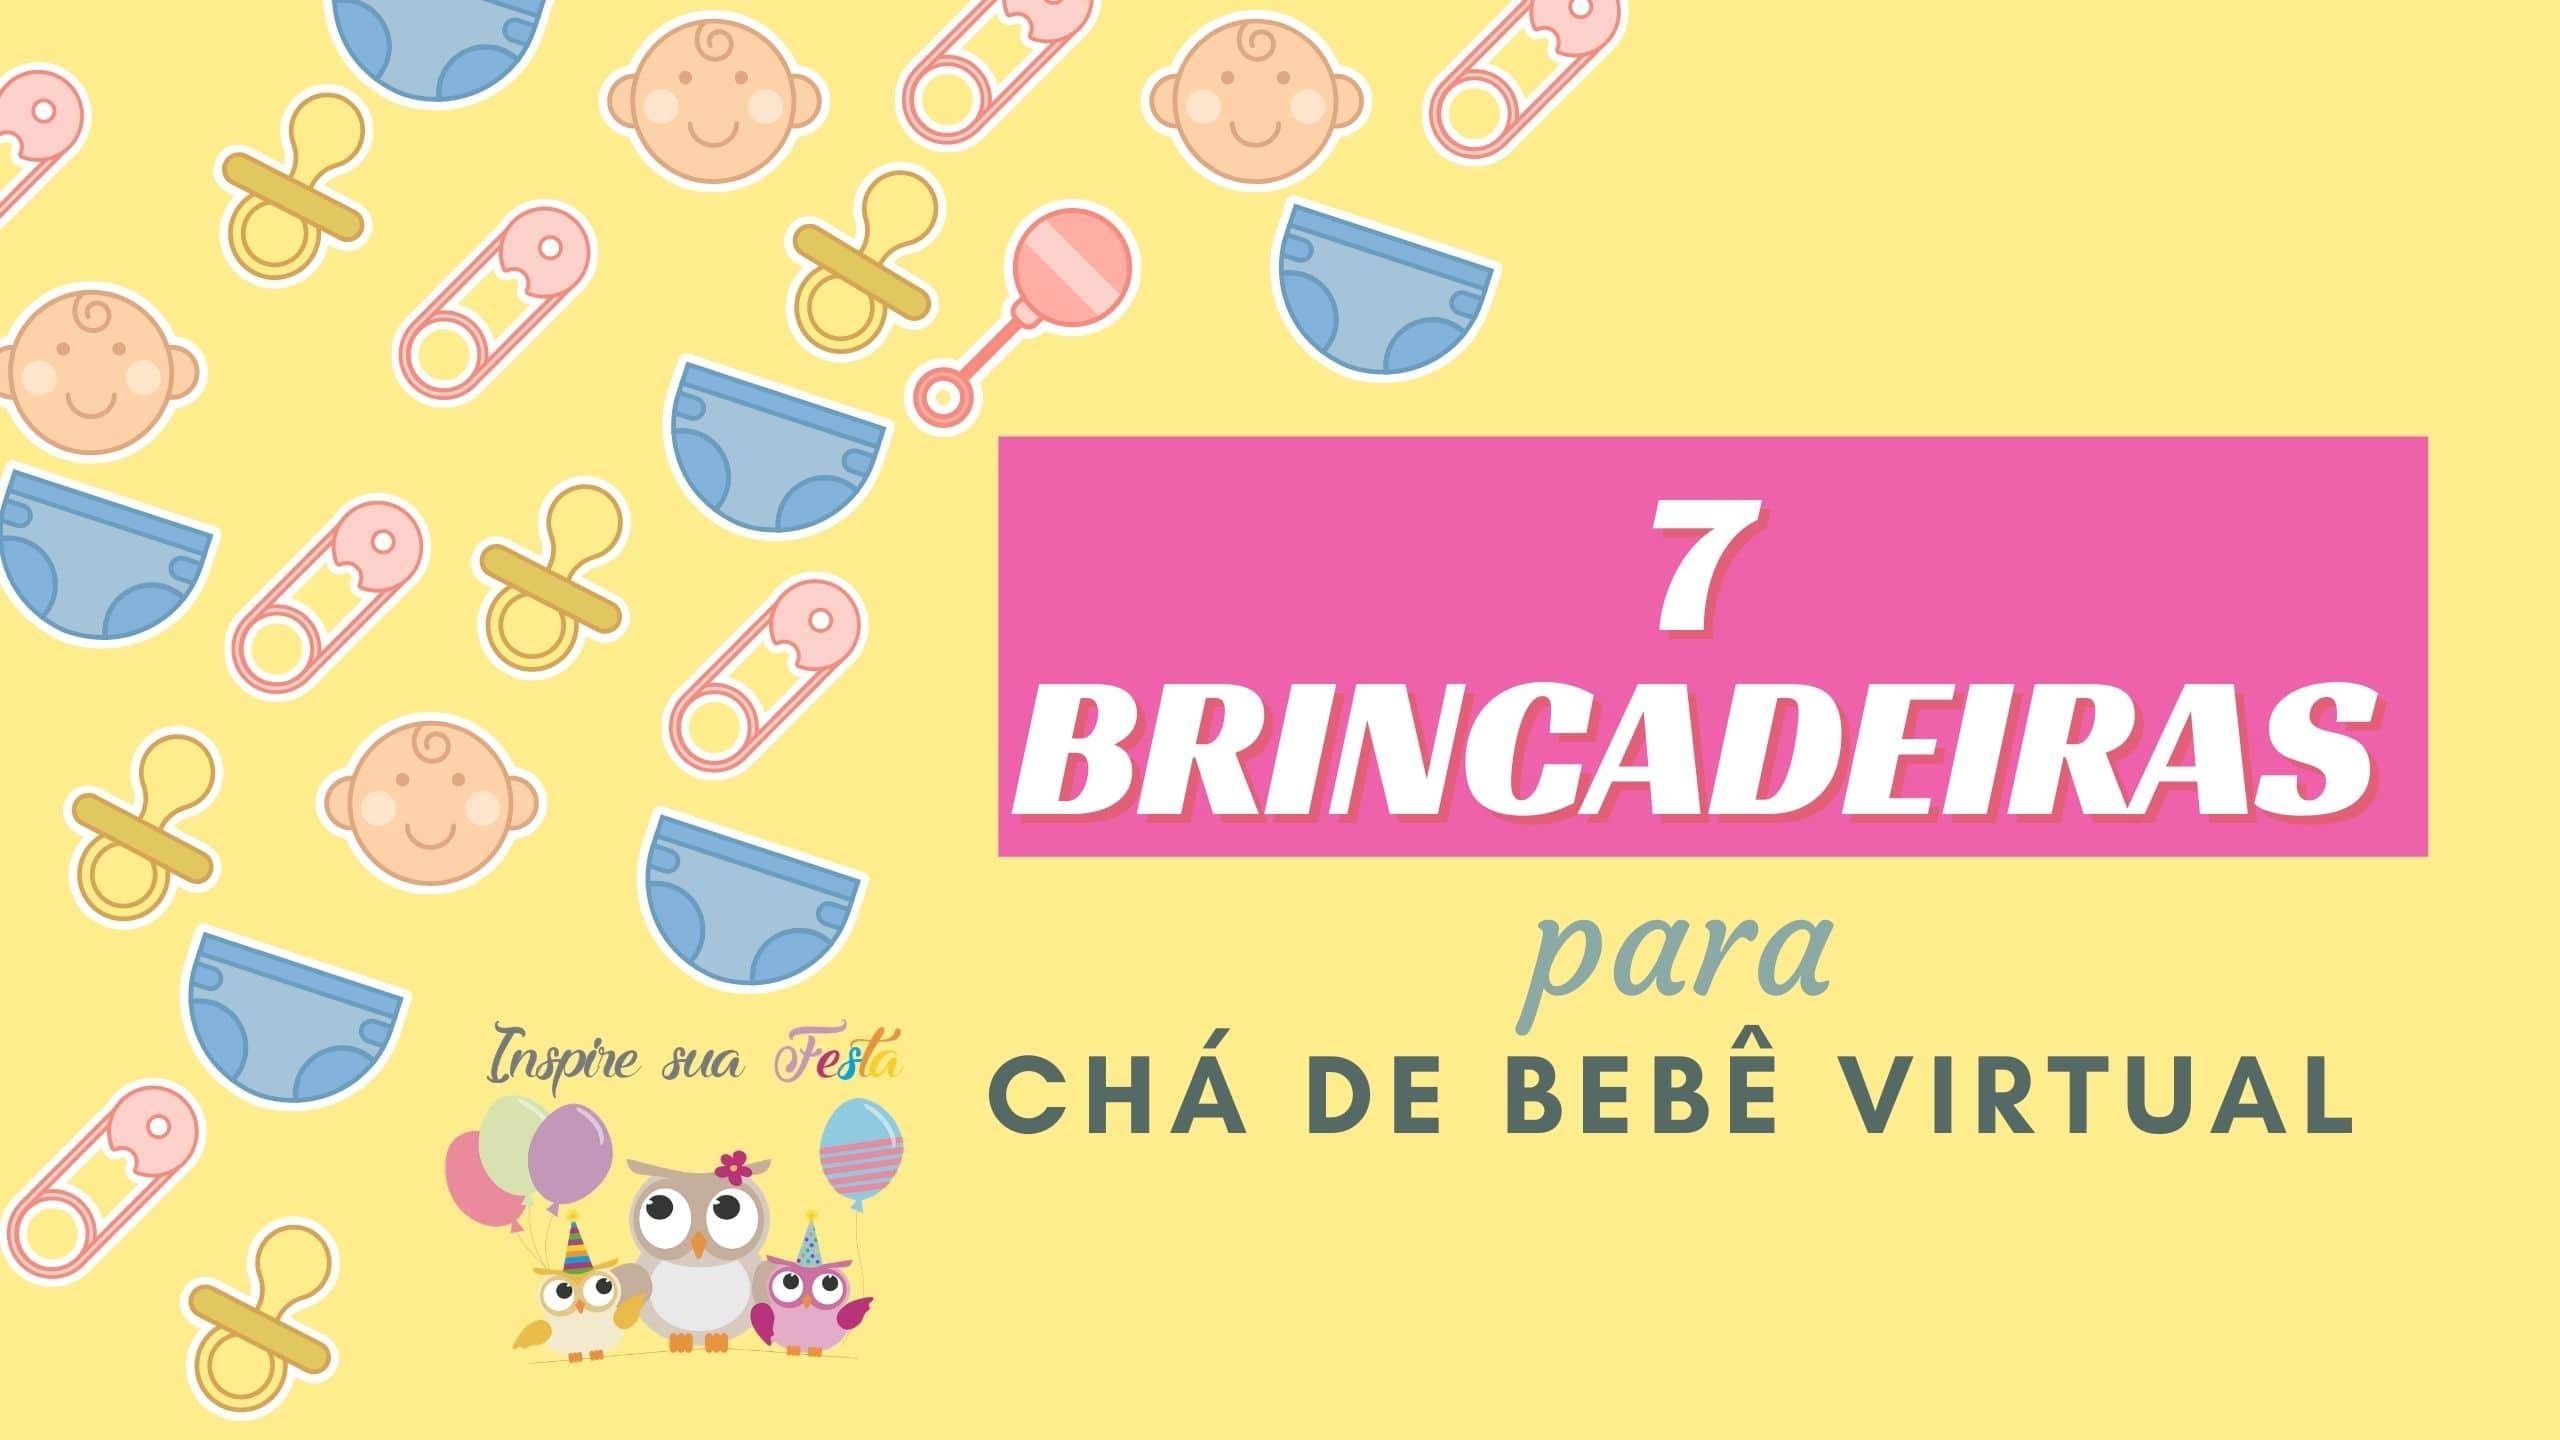 7 brincadeiras para chá de bebê virtual